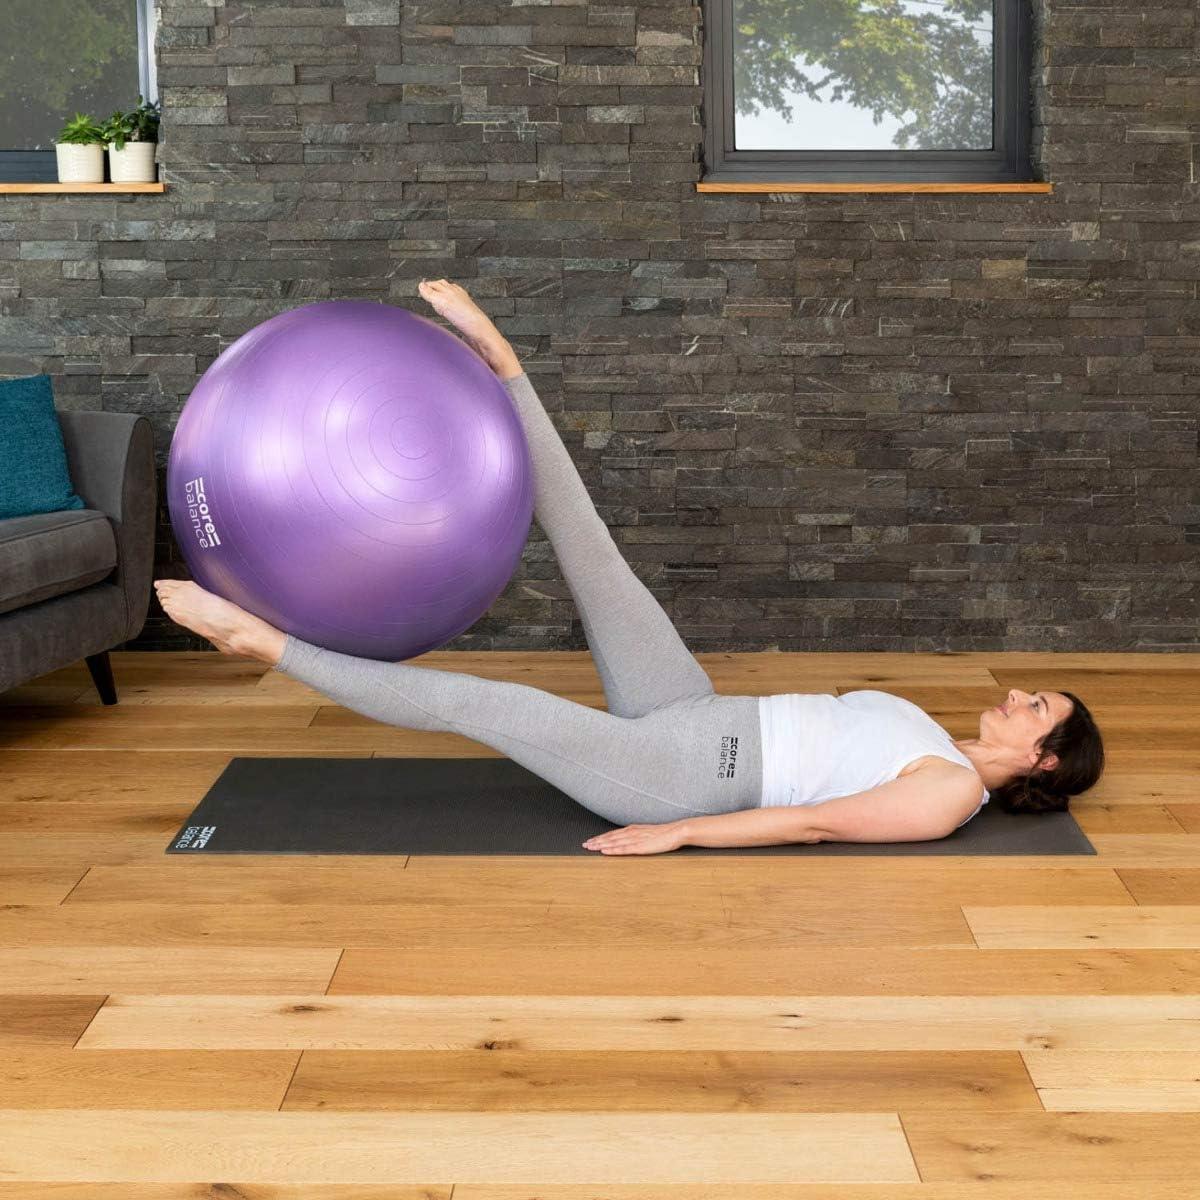 Fitball para Ejercicios Gimnasia Fitness Yoga Tama/ño 55cm 65cm 75cm 85cm Muy Resistente Embarazo Hinchador Incluido CORE BALANCE Pelota de Pilates